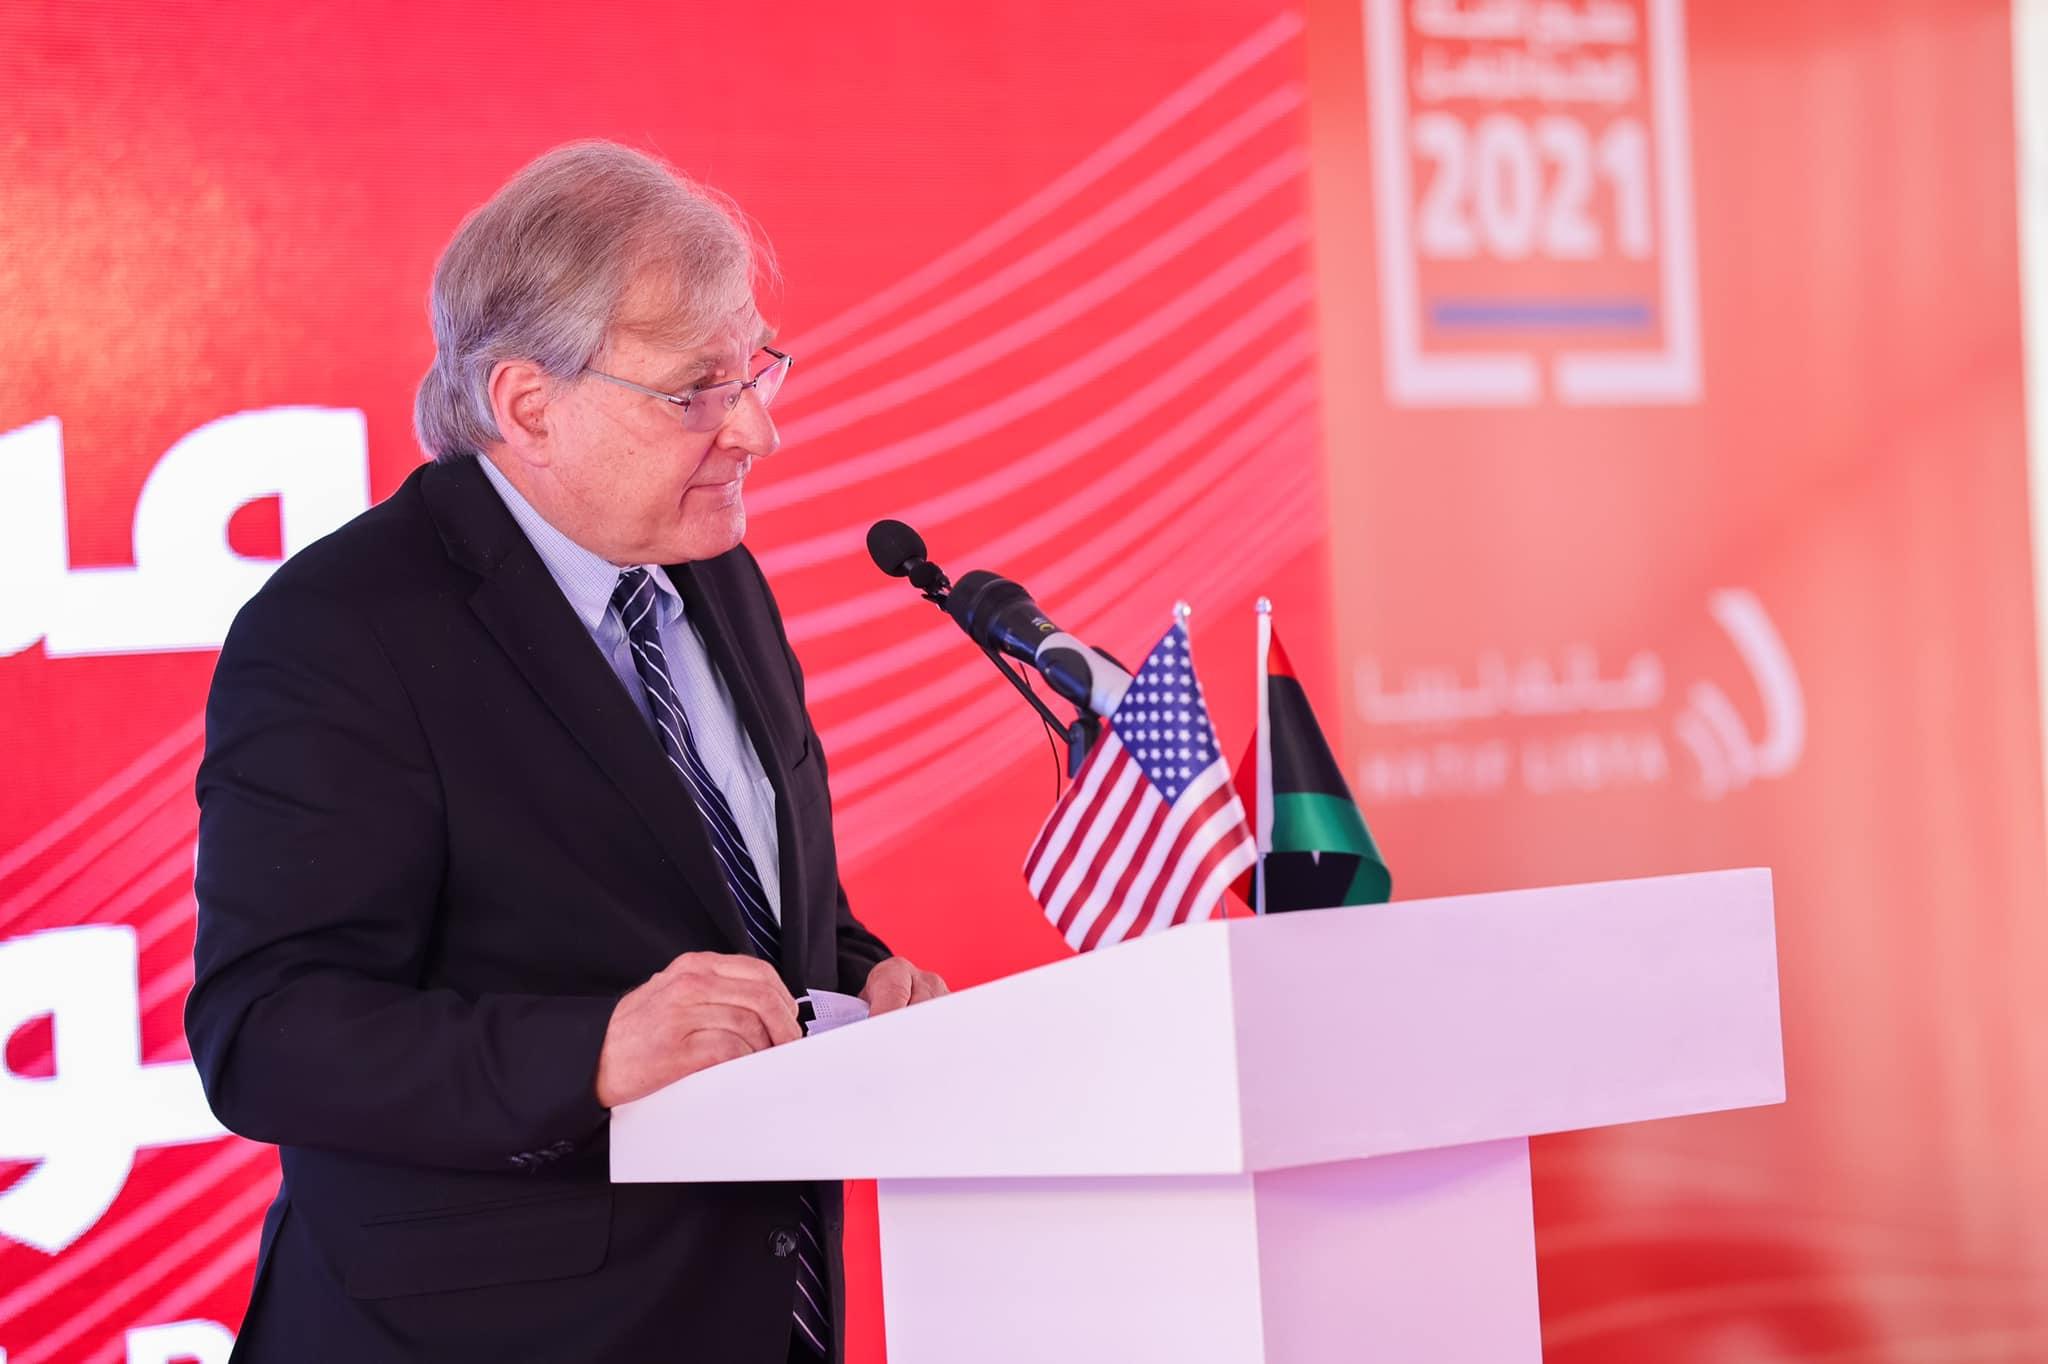 نورلاند: الولايات المتحدة ستظل داعماً رئيسياً لليبيا في كل المجالات